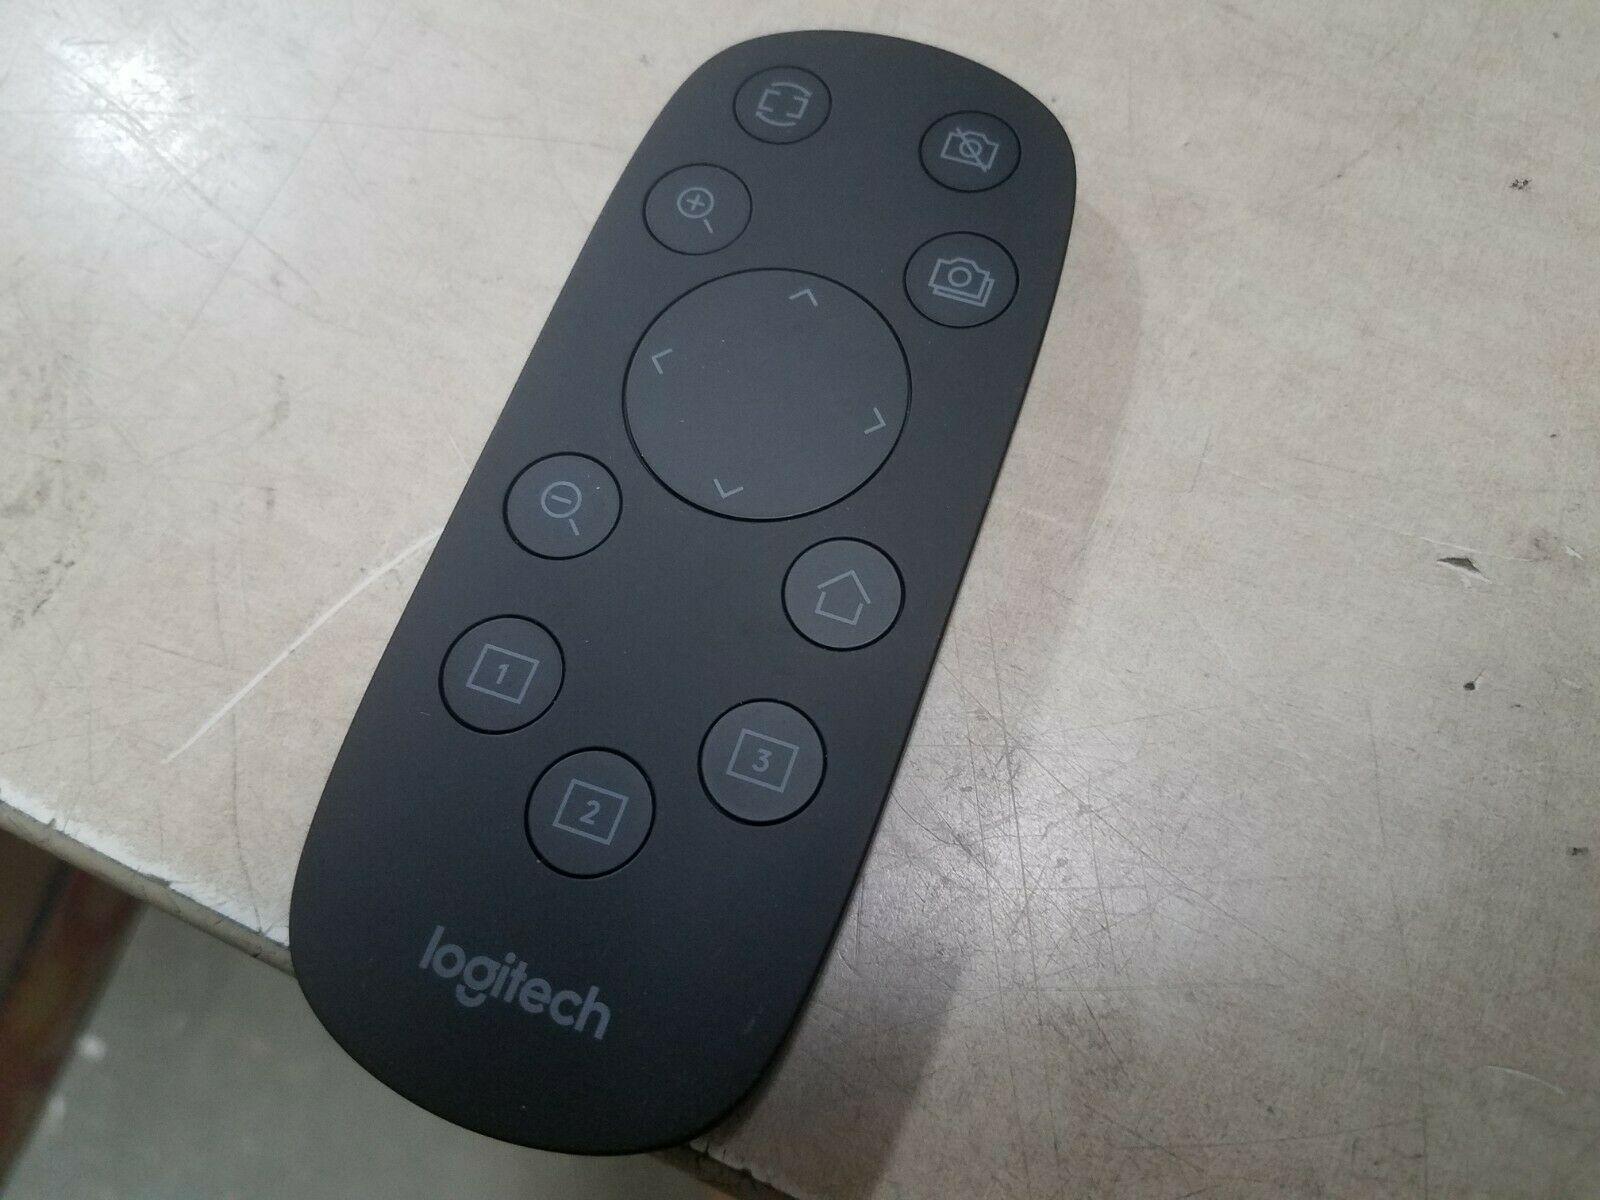 Logitech Remote Control R-R0007  Remote Control - Black